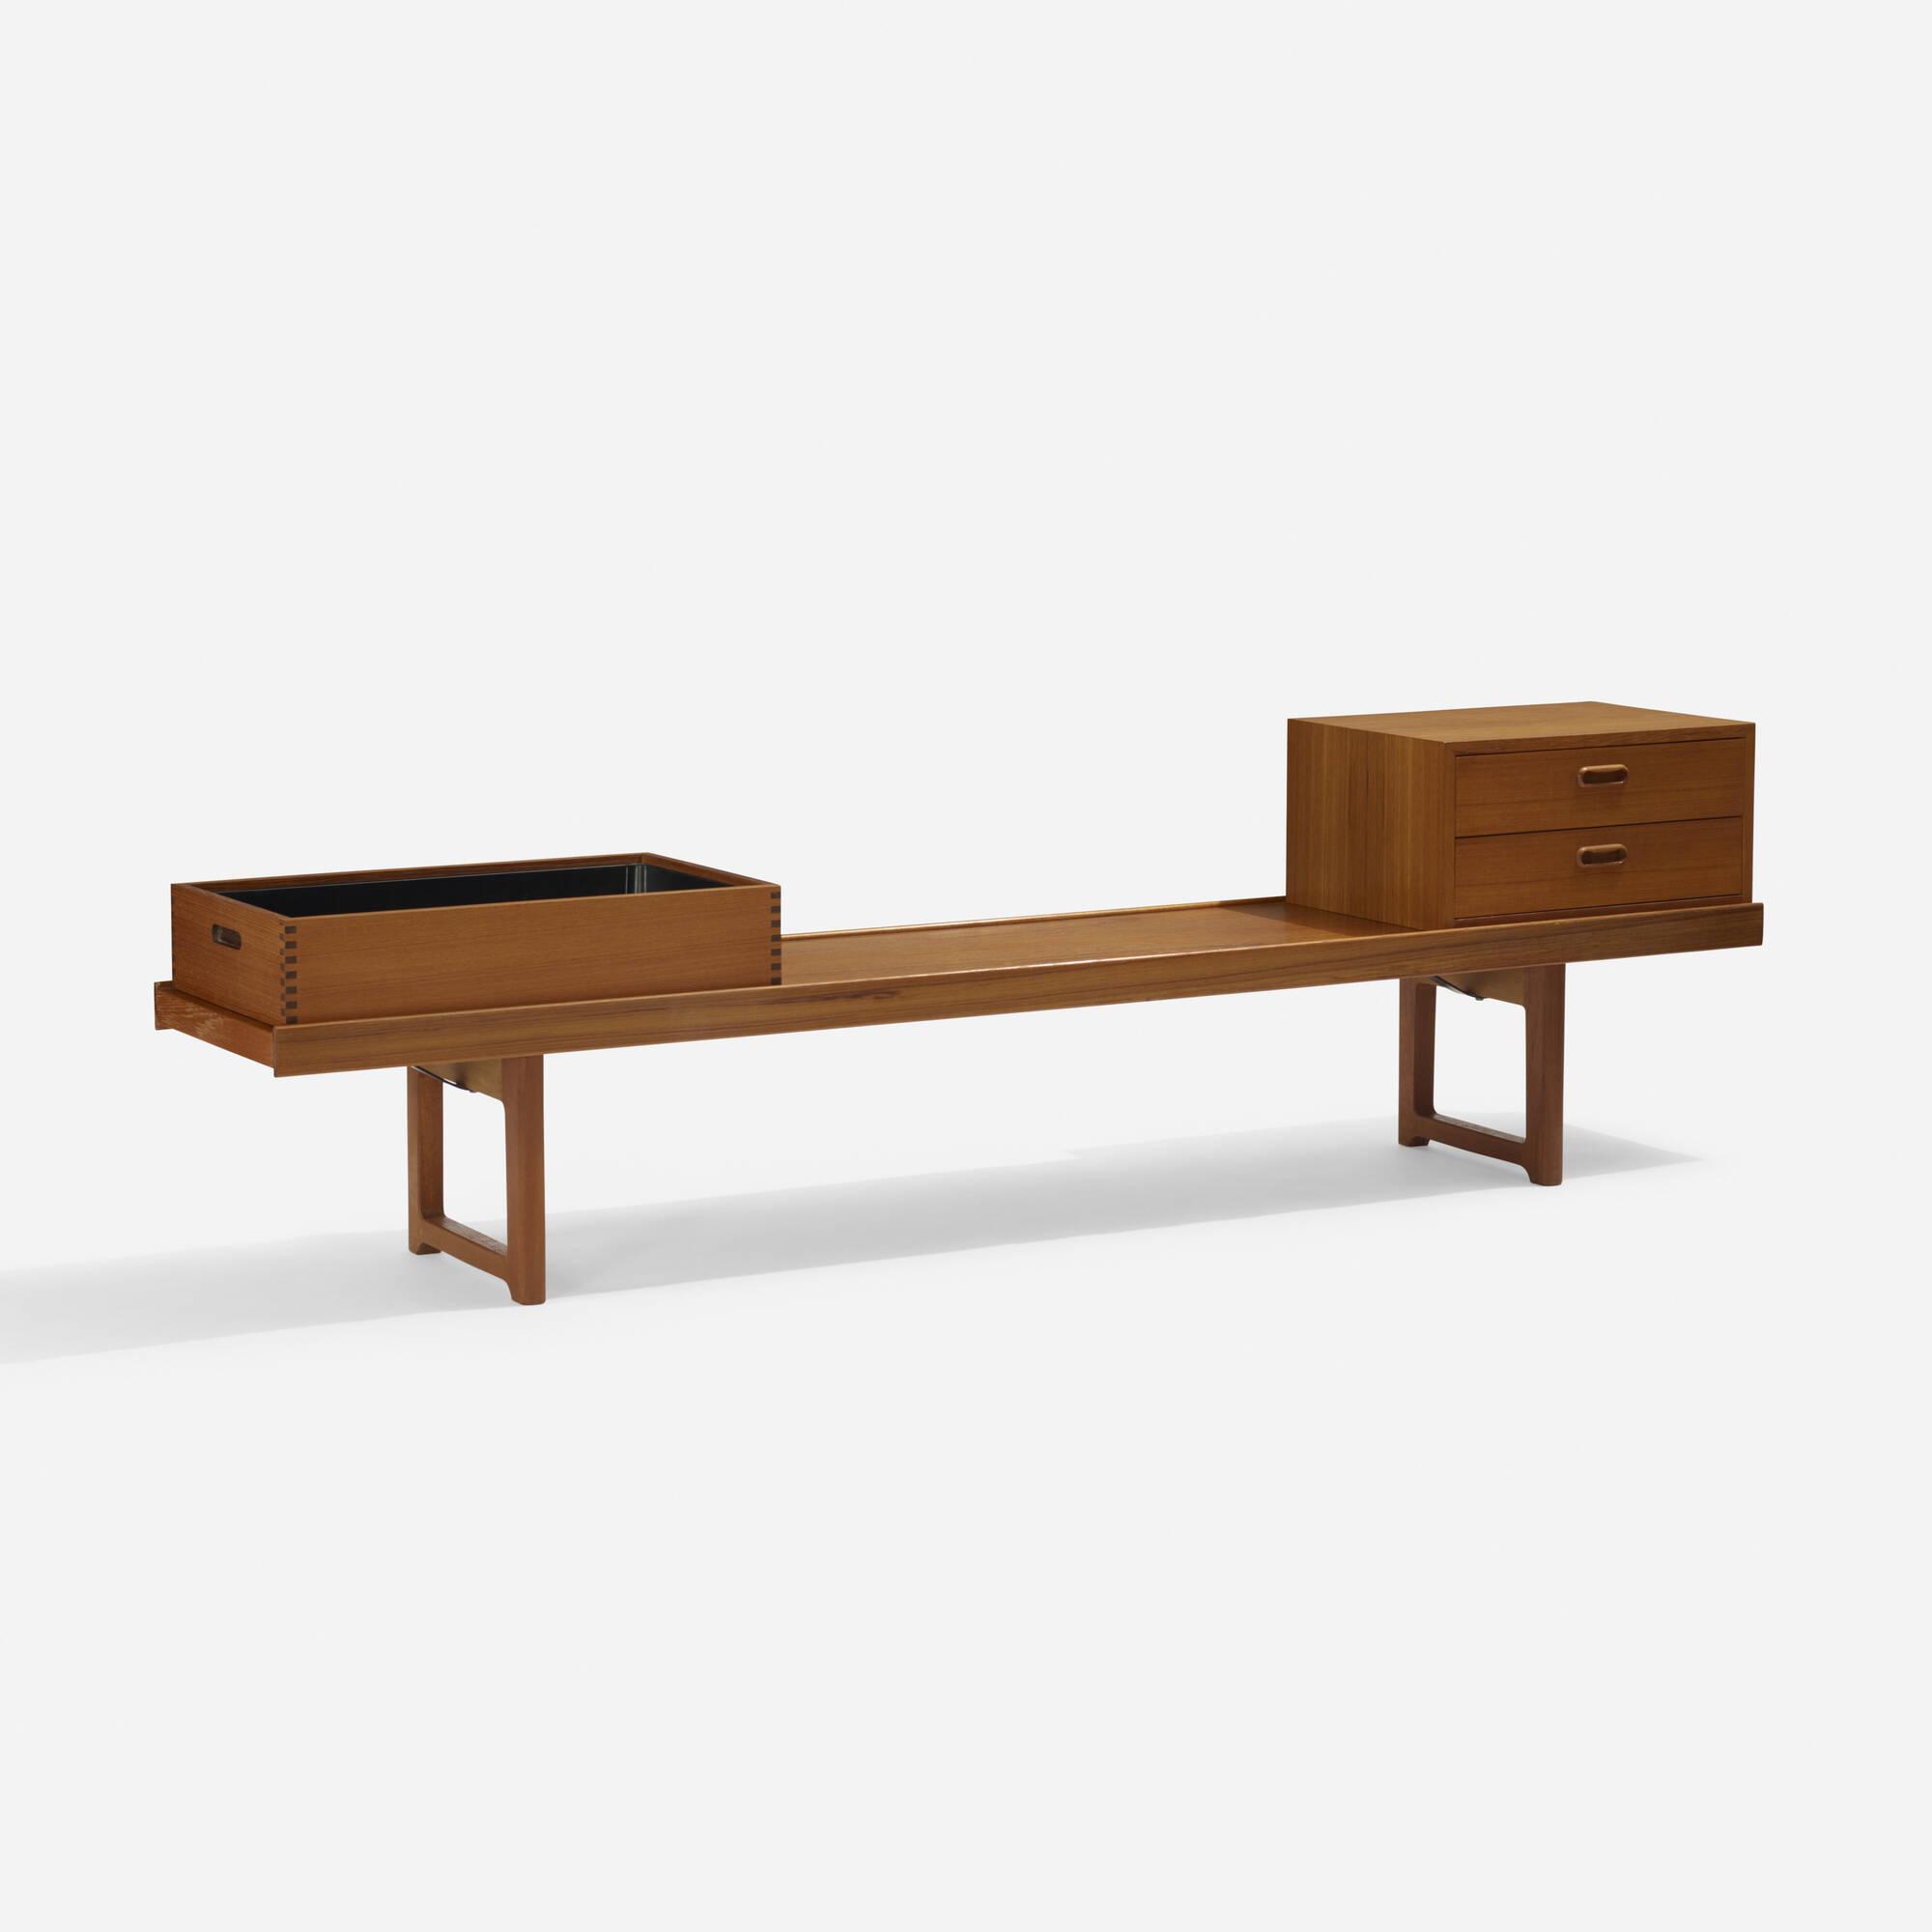 204: Torbjørn Afdal / Krobo bench and accessories (1 of 3)